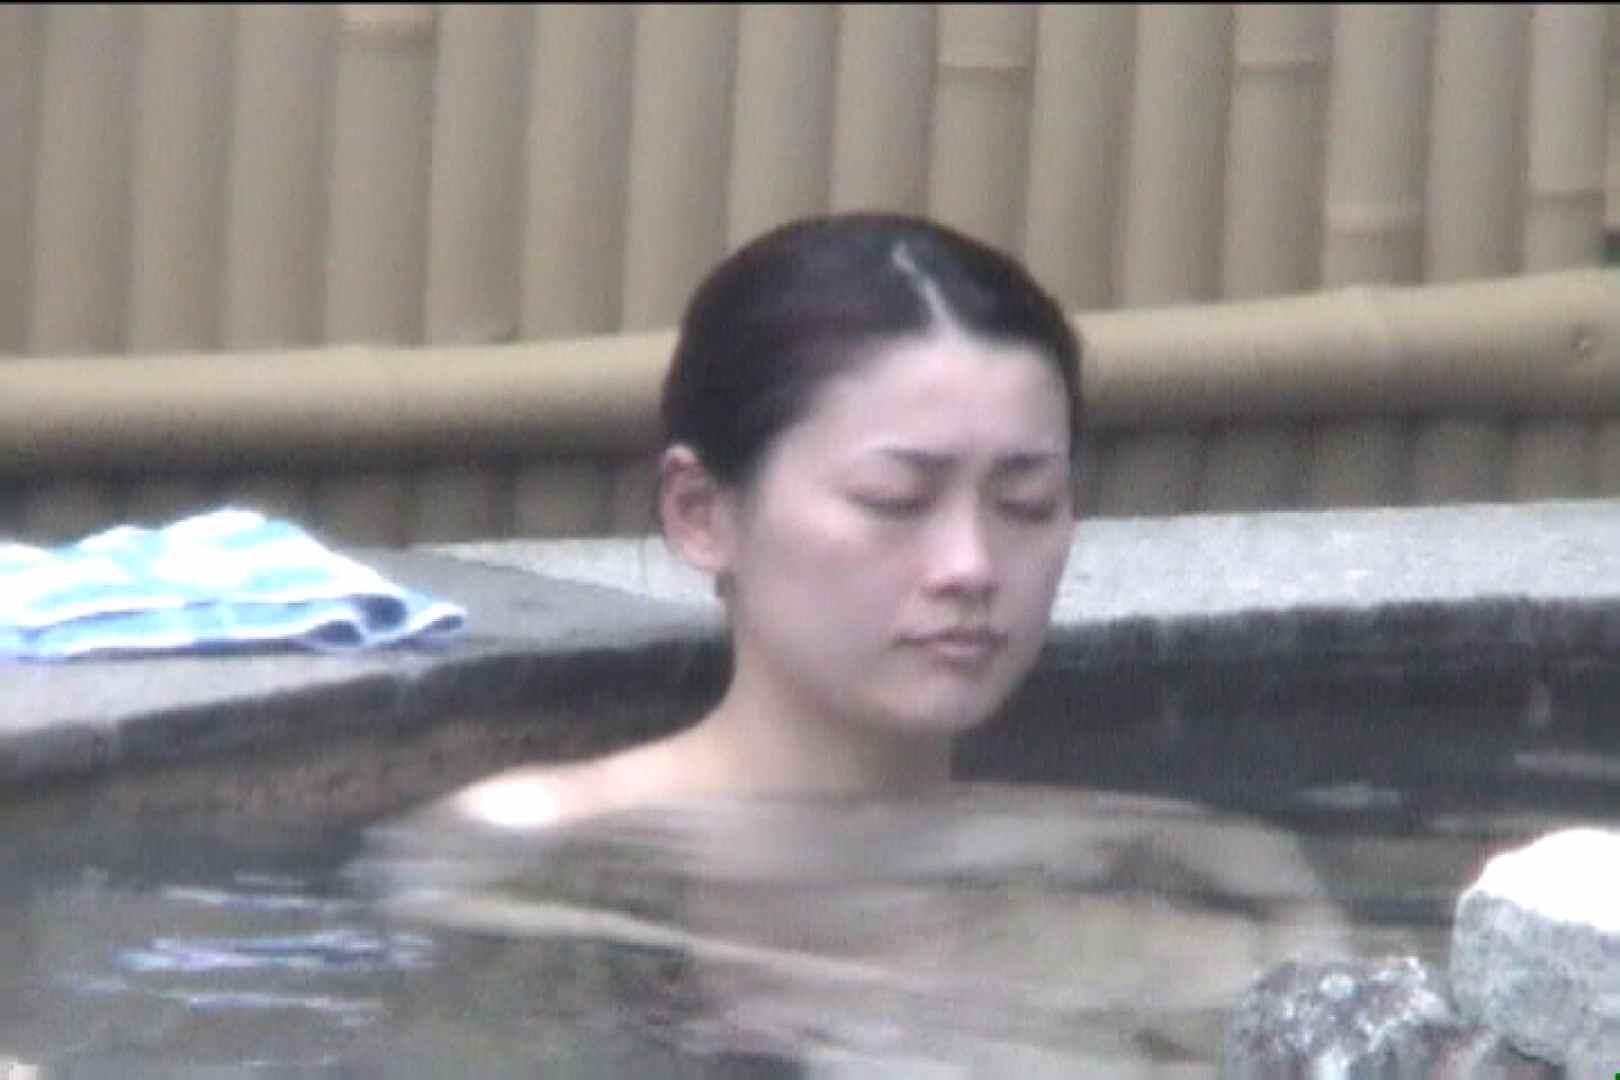 Aquaな露天風呂Vol.92【VIP限定】 盗撮  33連発 15